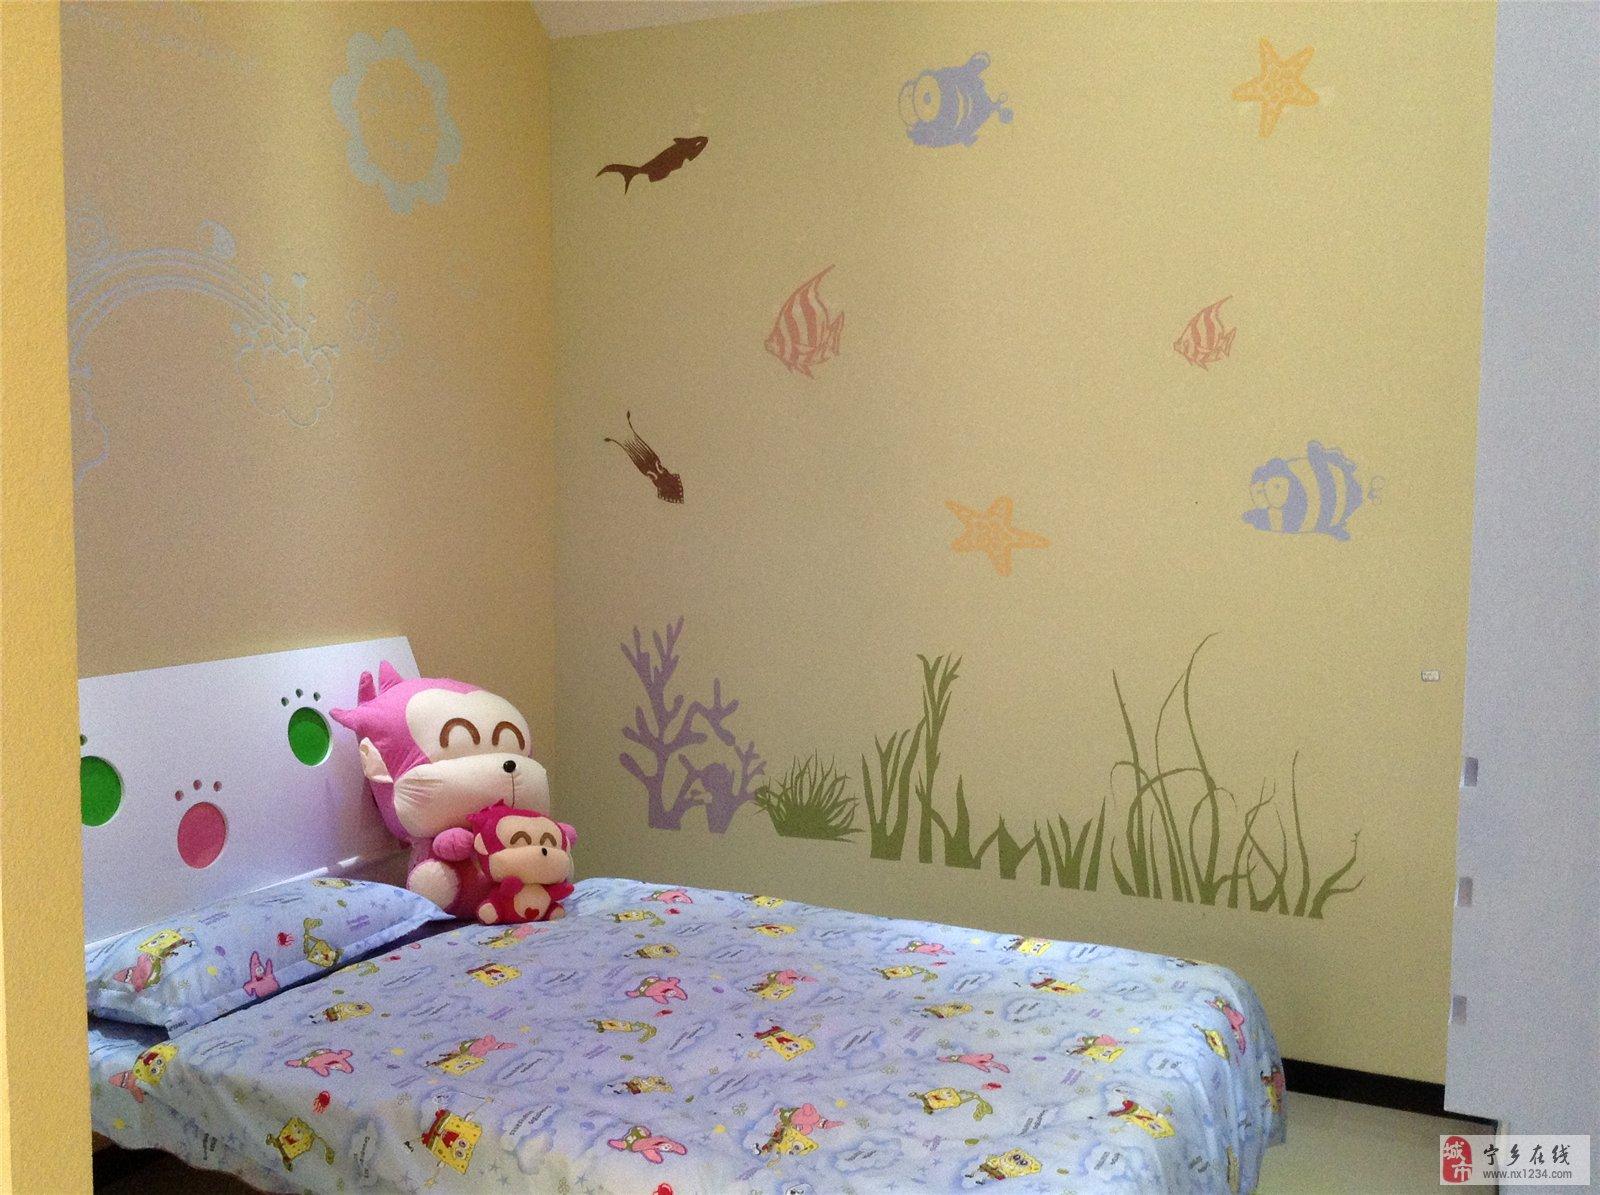 我想在我家的儿童房做,哪个比较好呢?